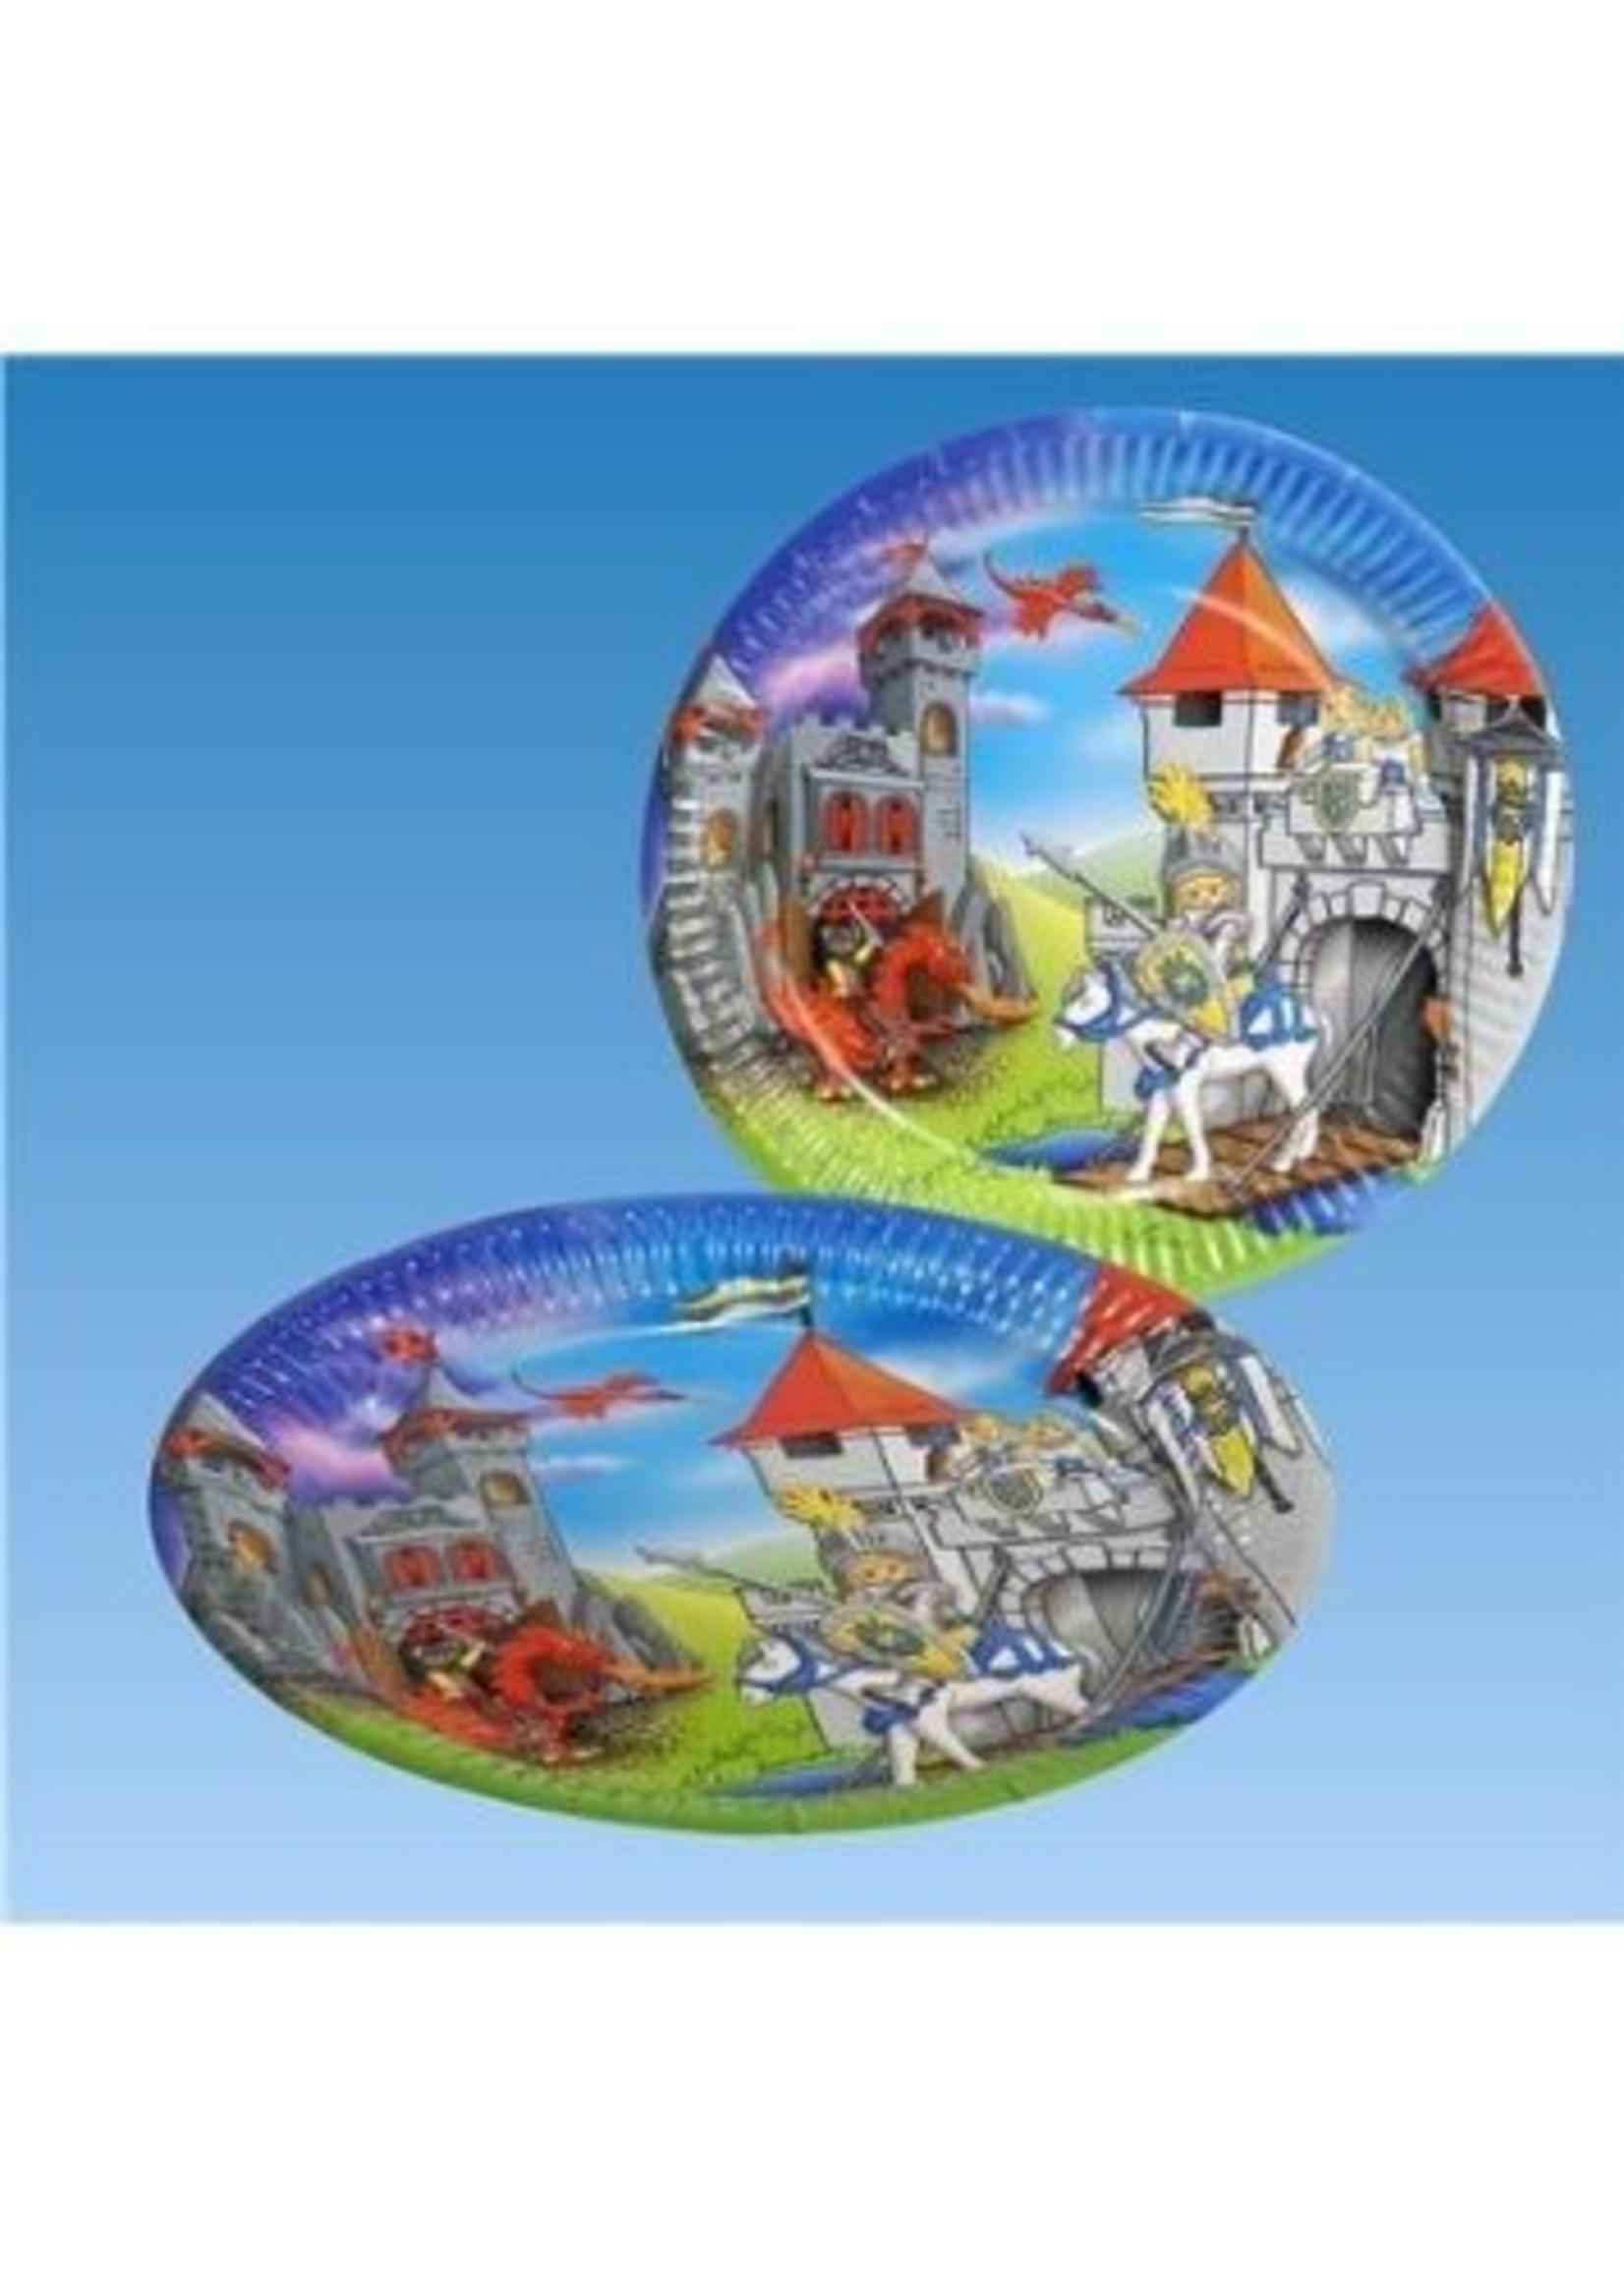 Playmobil Playmobil Borden Papier